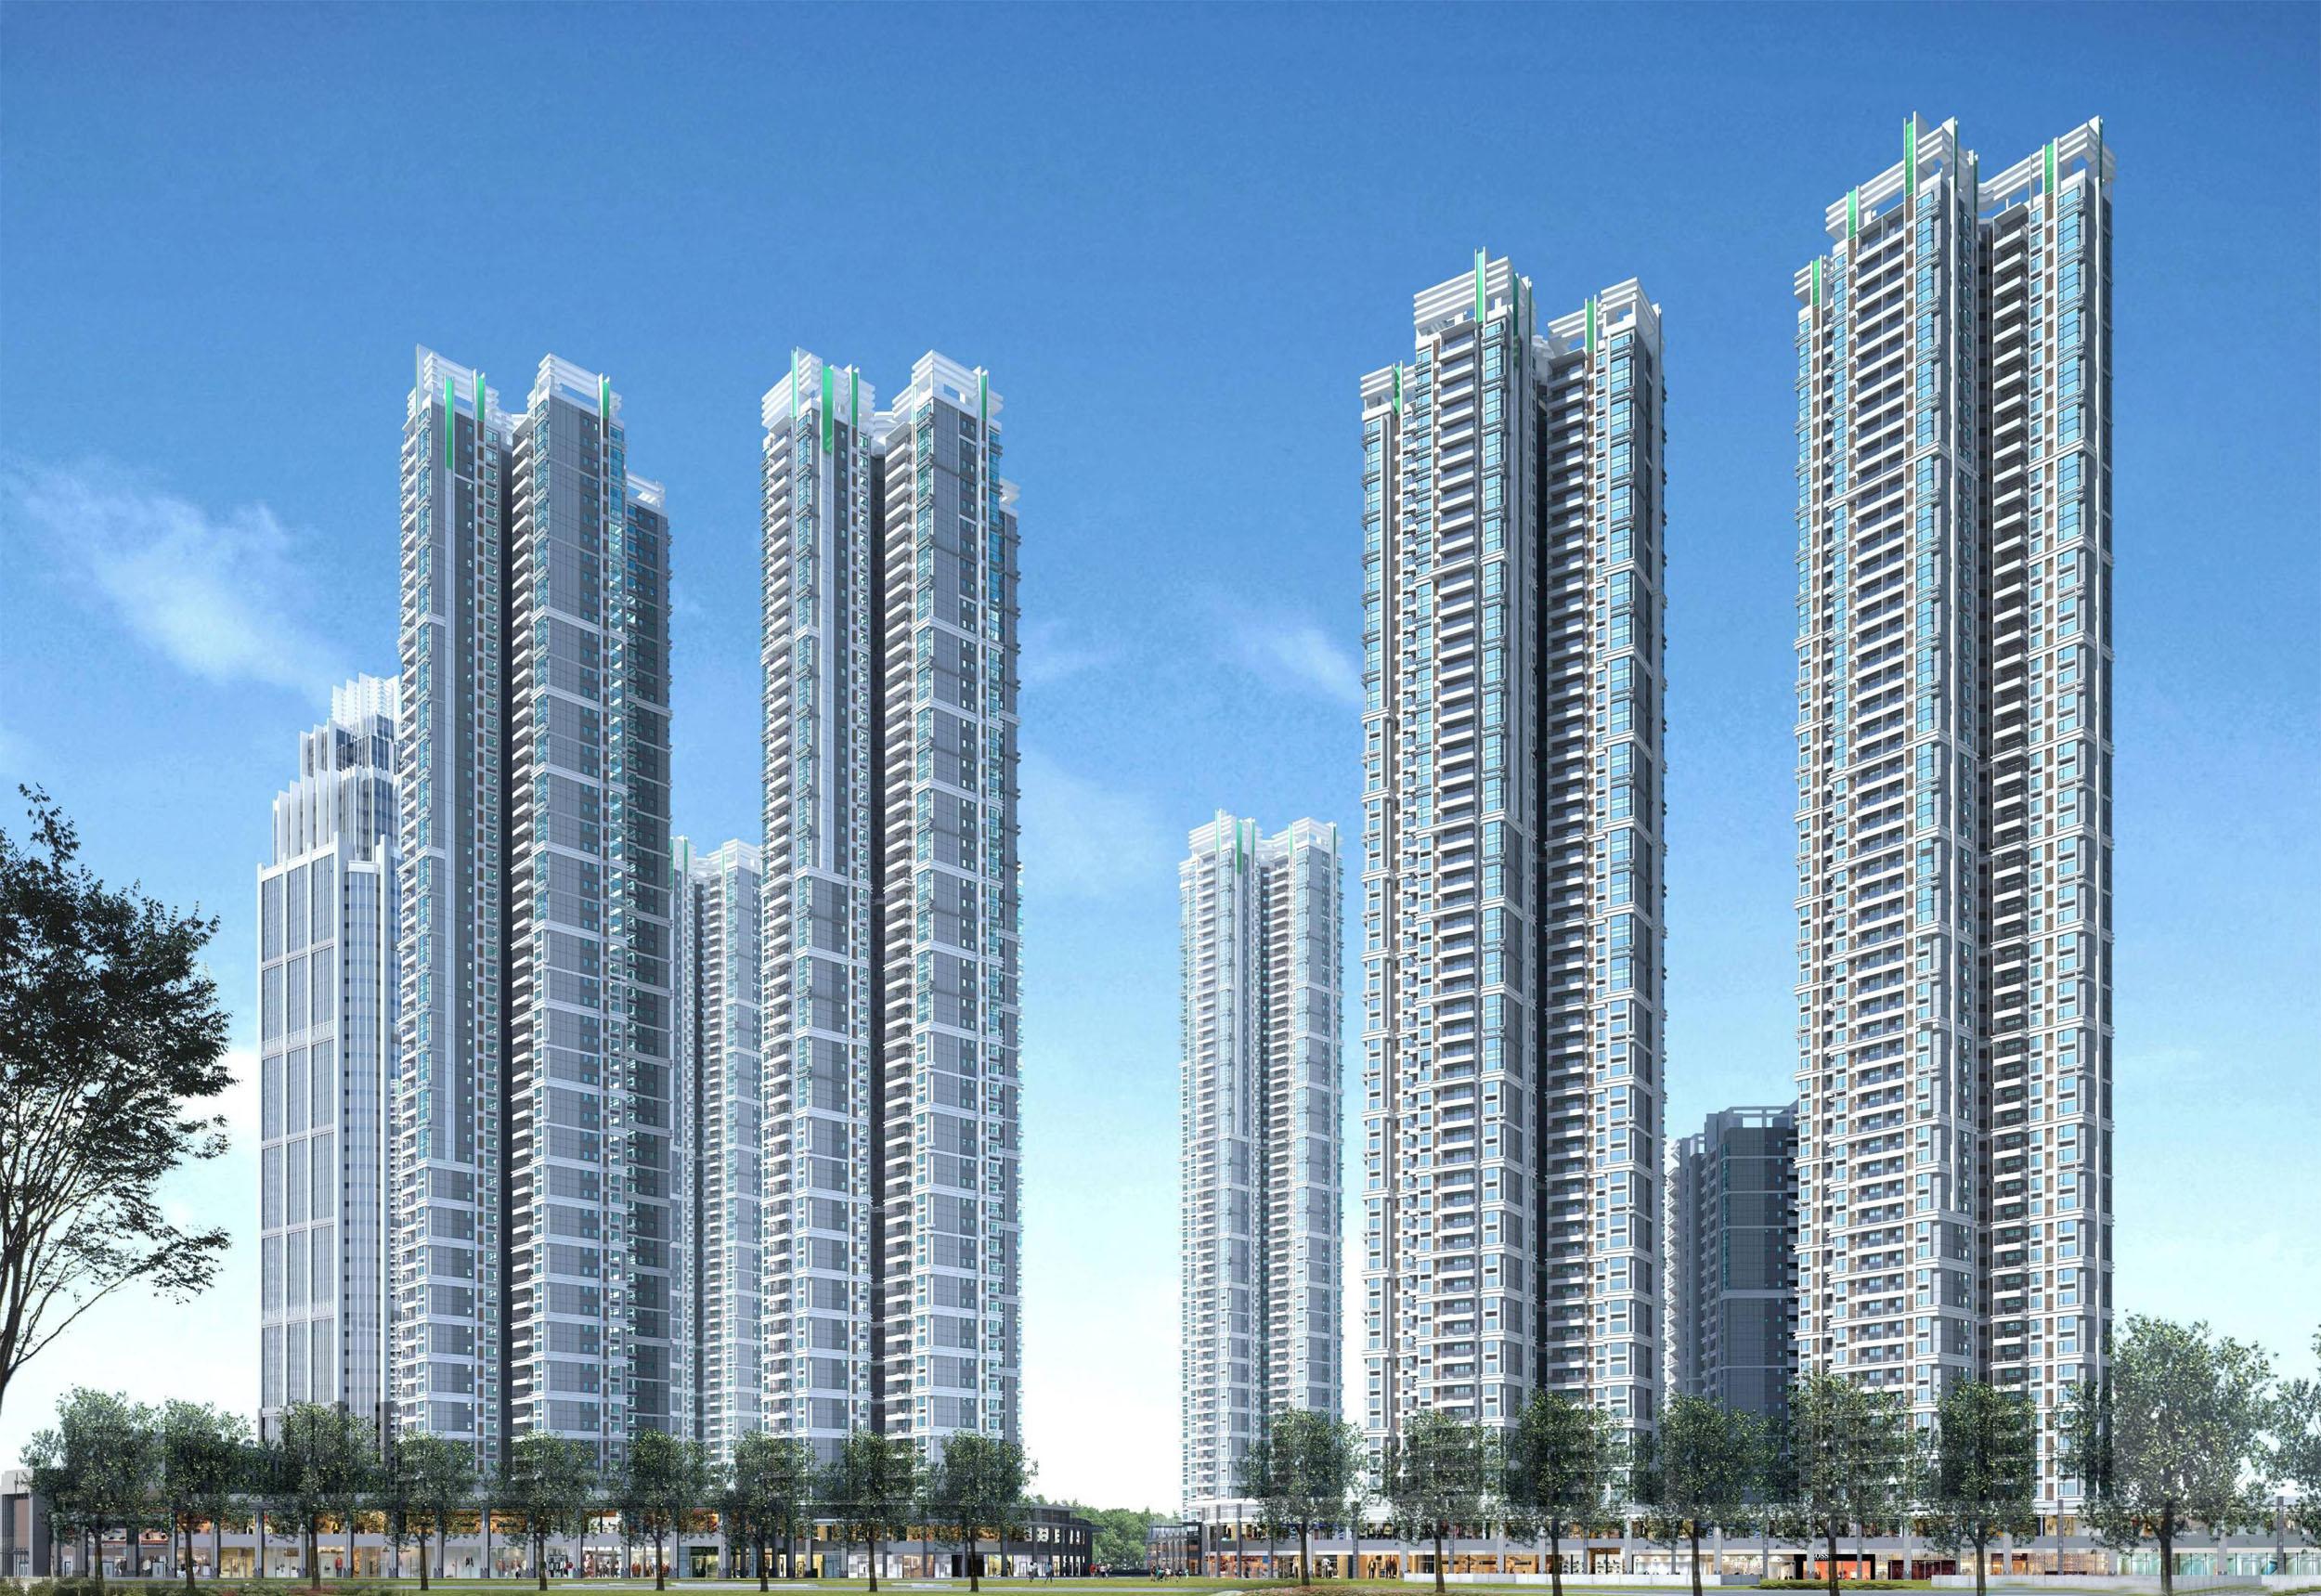 武汉市花楼街商业及住宅工程